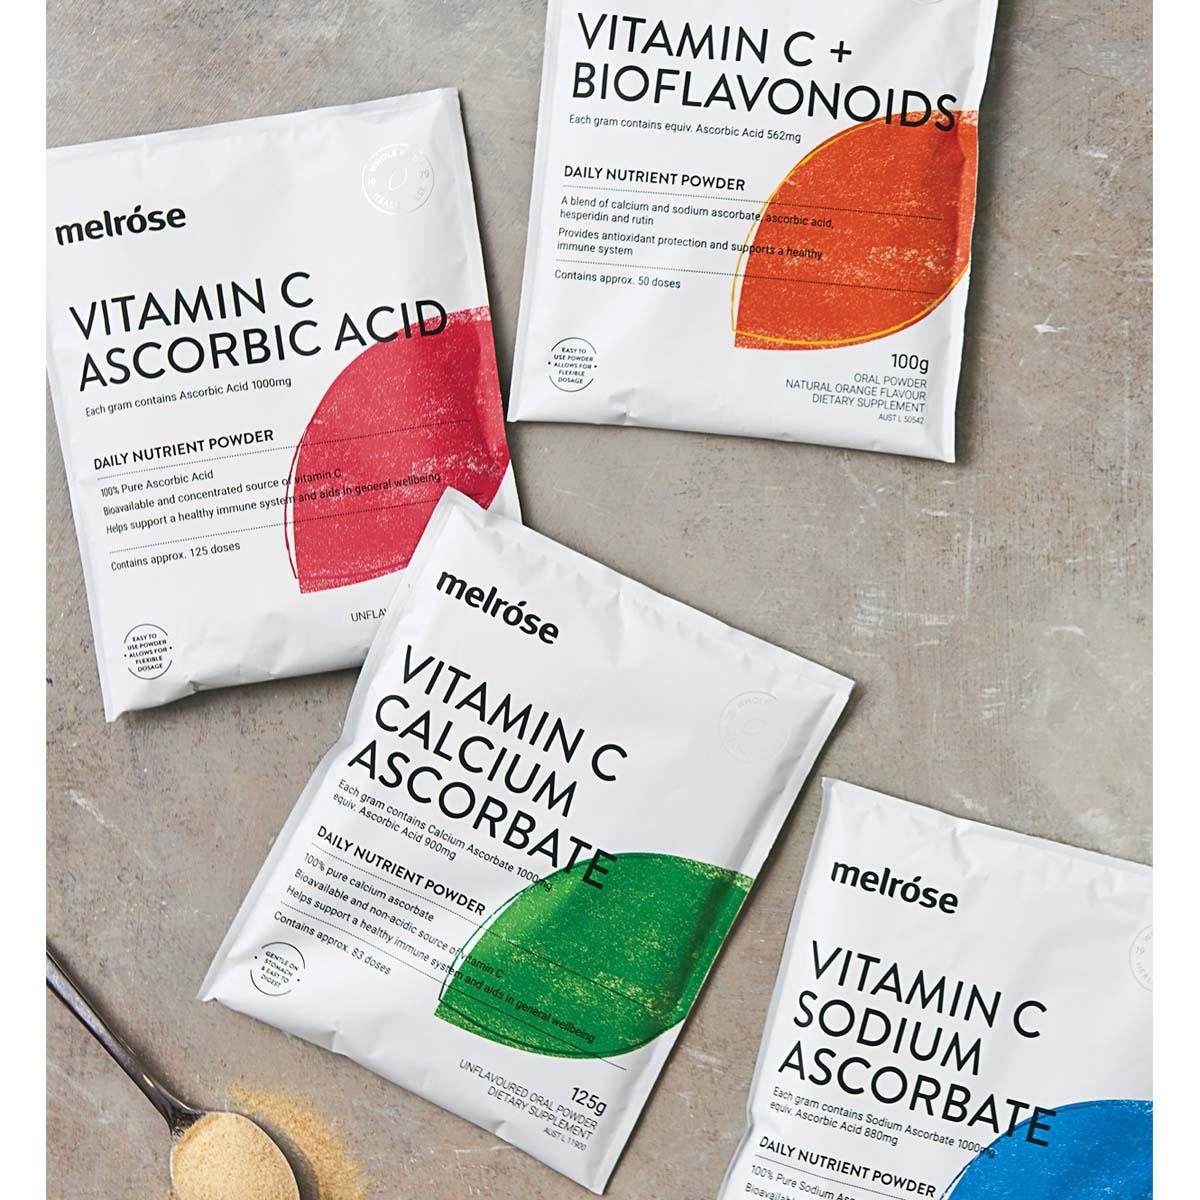 Melrose Vitamin C Plus Bioflavonoids_media-01